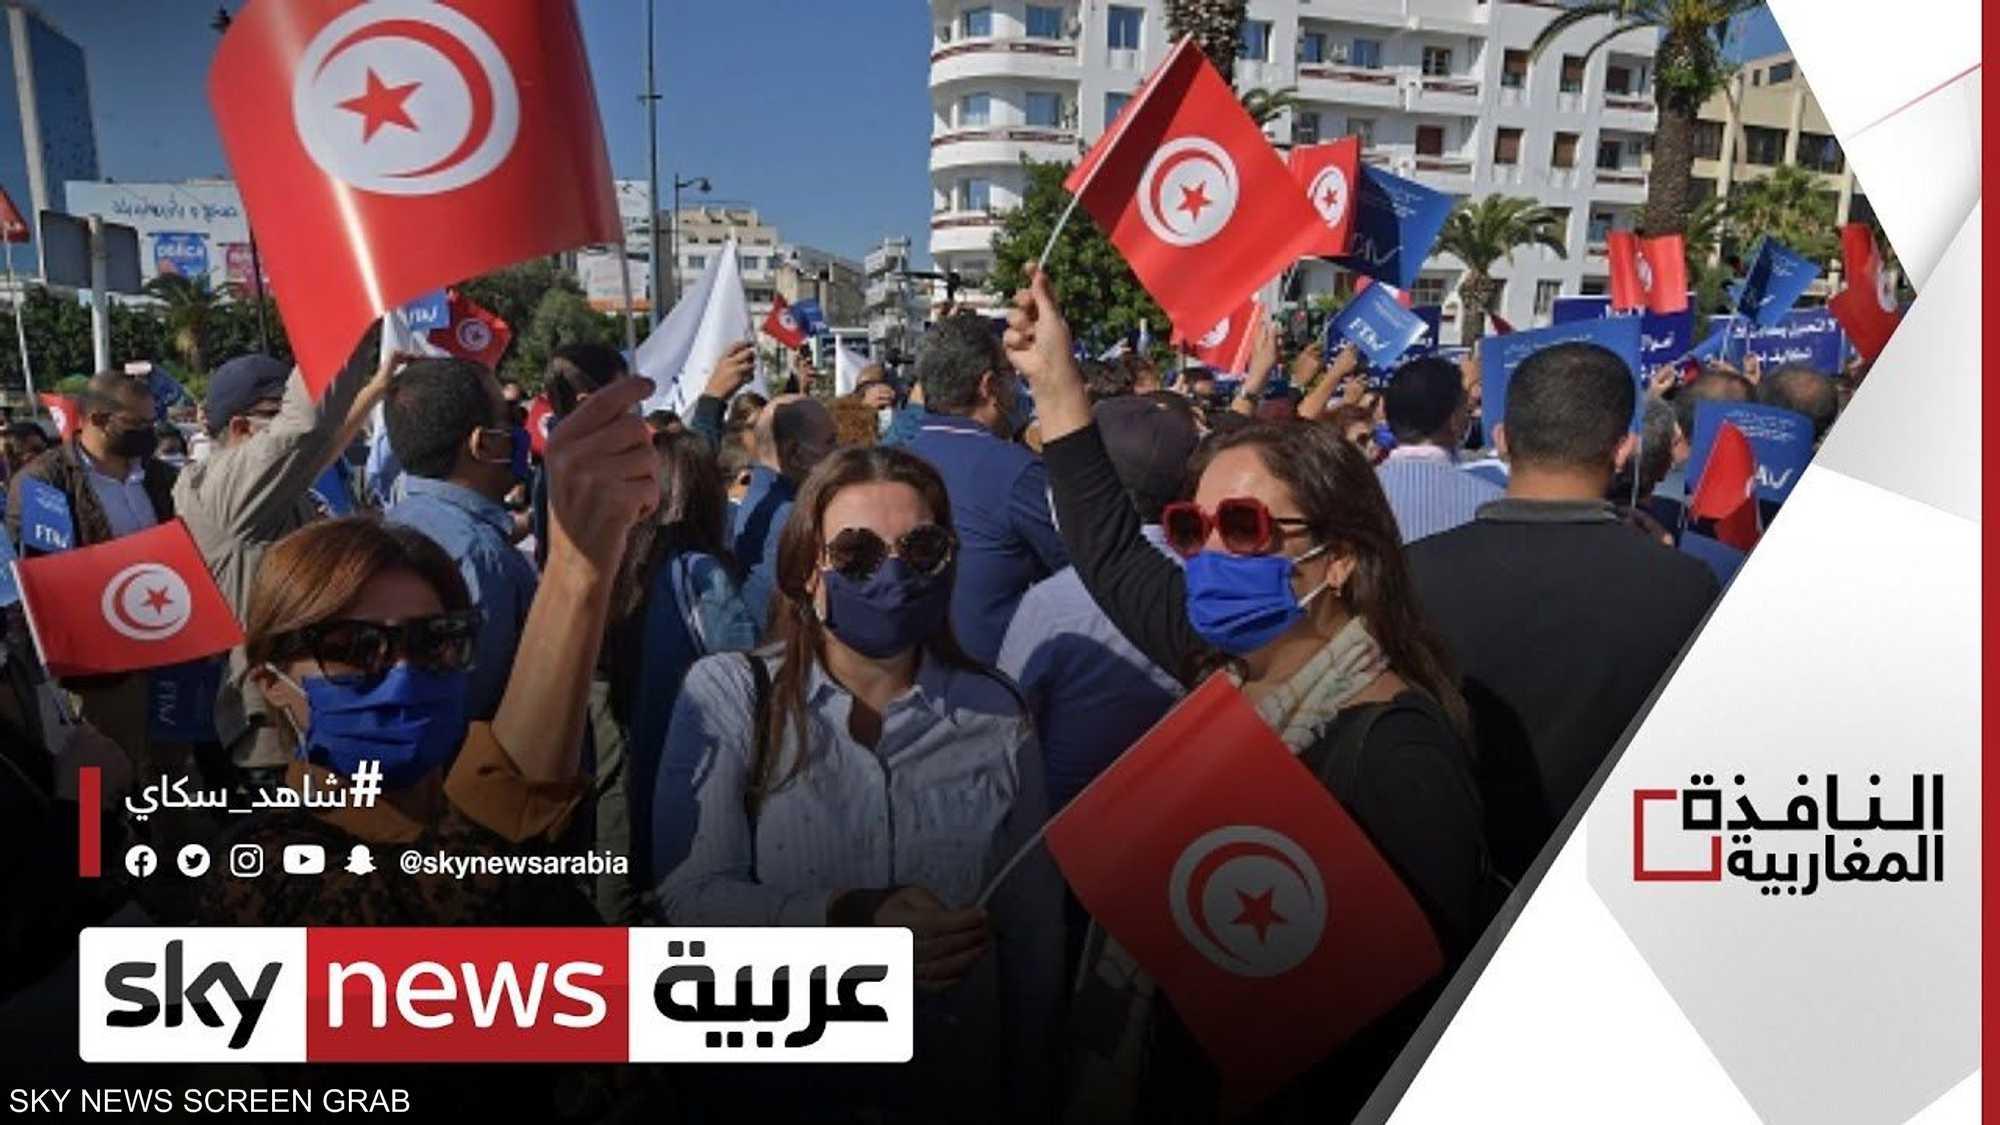 حقوق النساء بتونس.. بين مخاطر فكر النهضة والأزمة الاجتماعية